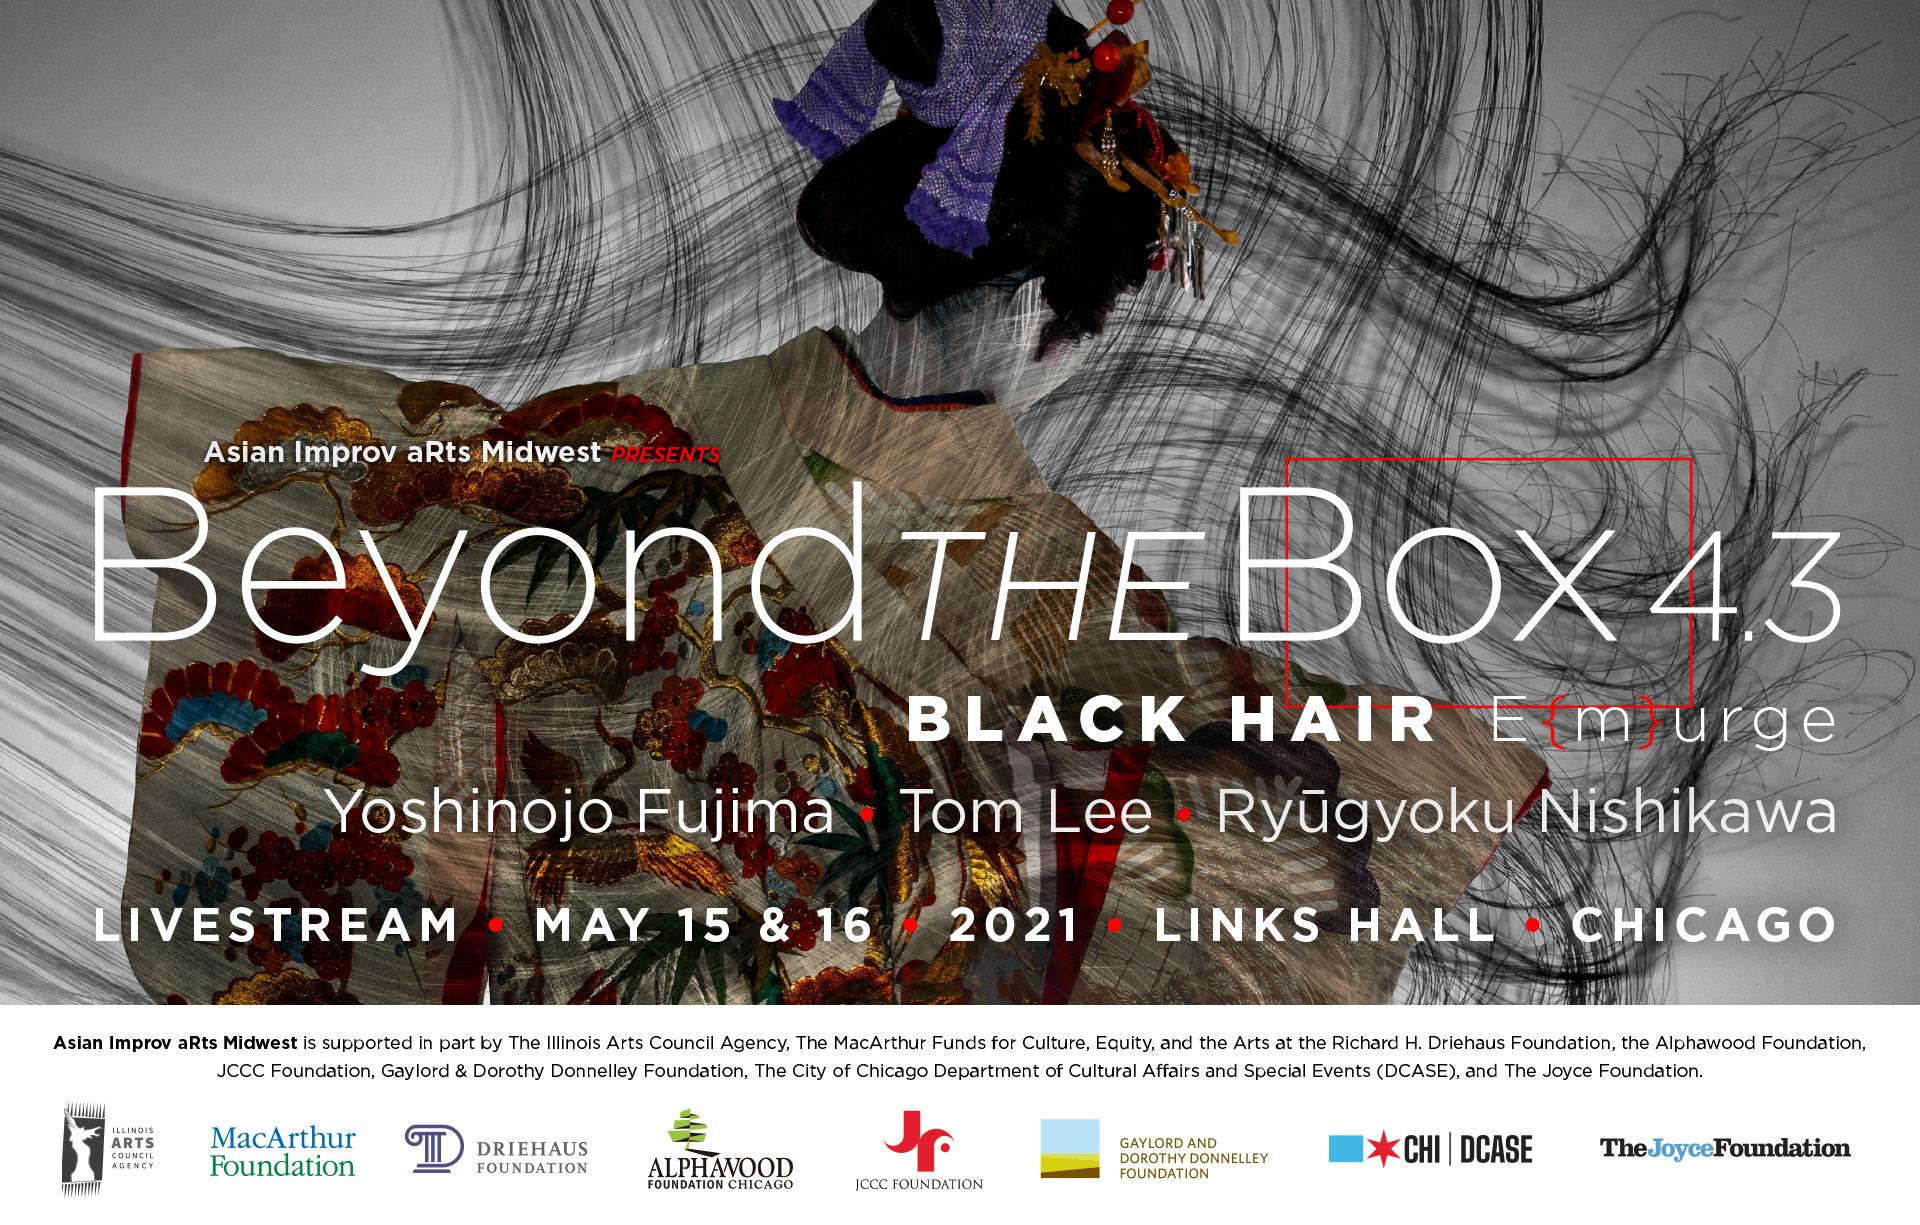 Beyond the Box 4.3 – Black Hair E {m} urge